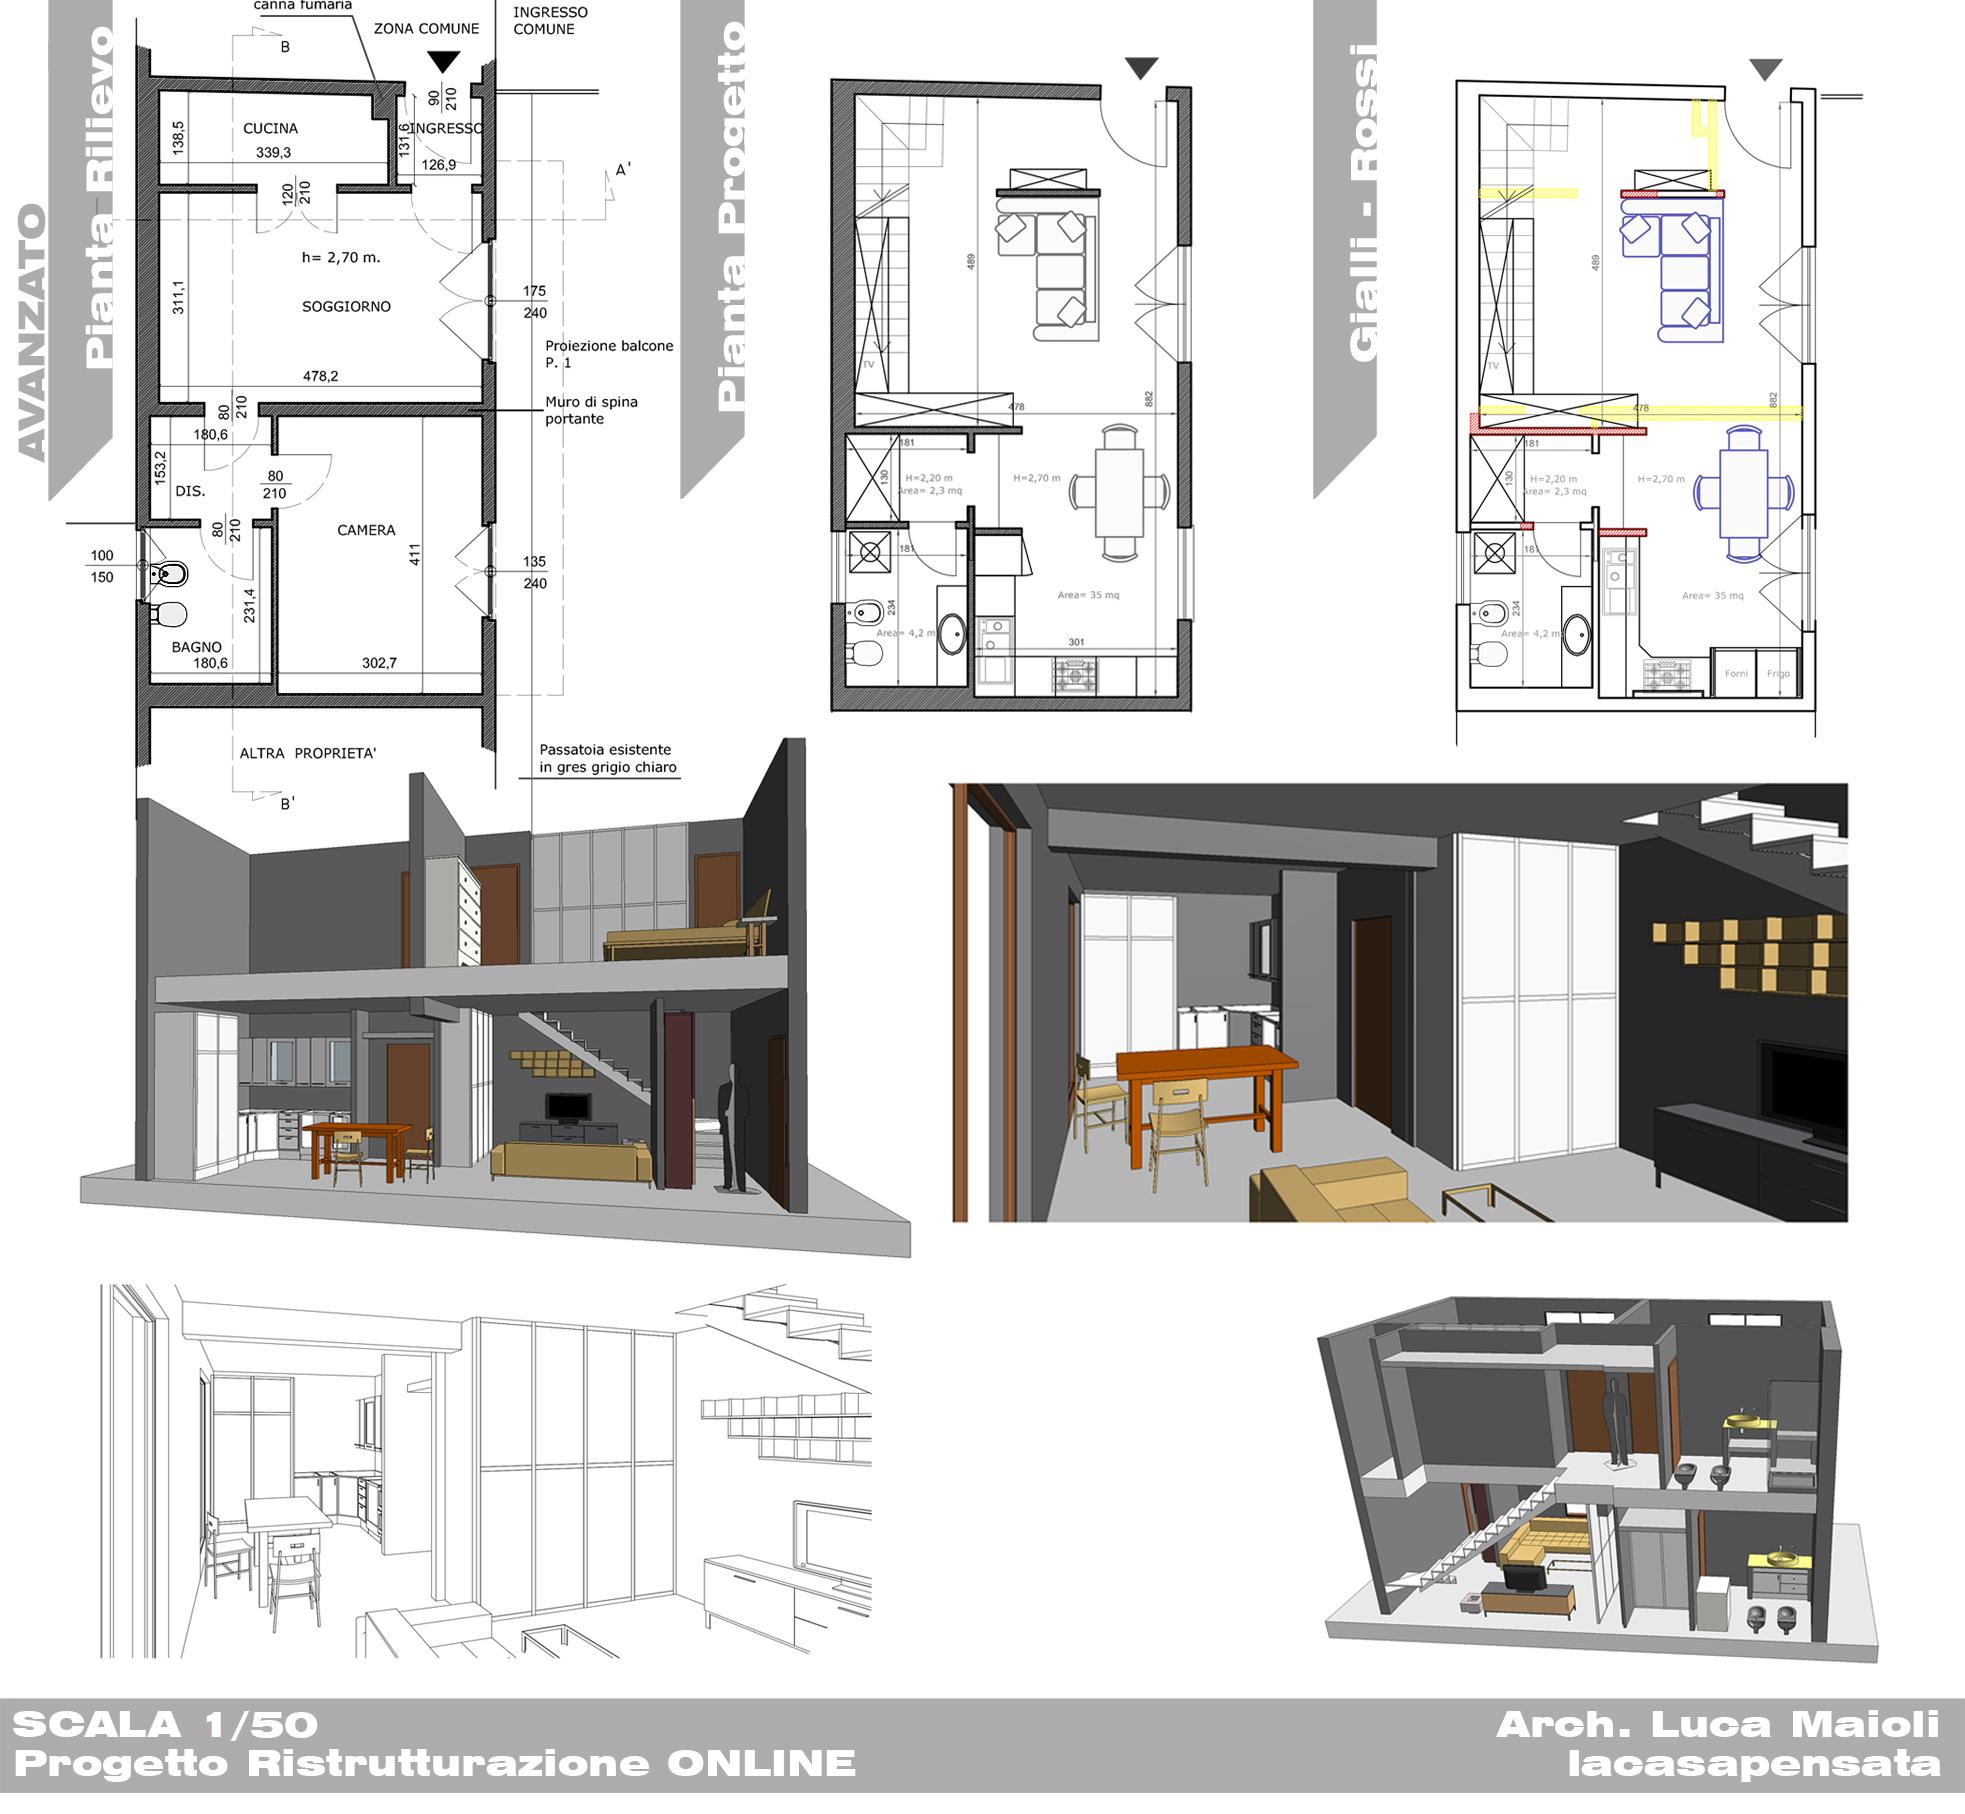 Progetto arredamento online progetti di interni for Progetto arredo casa on line